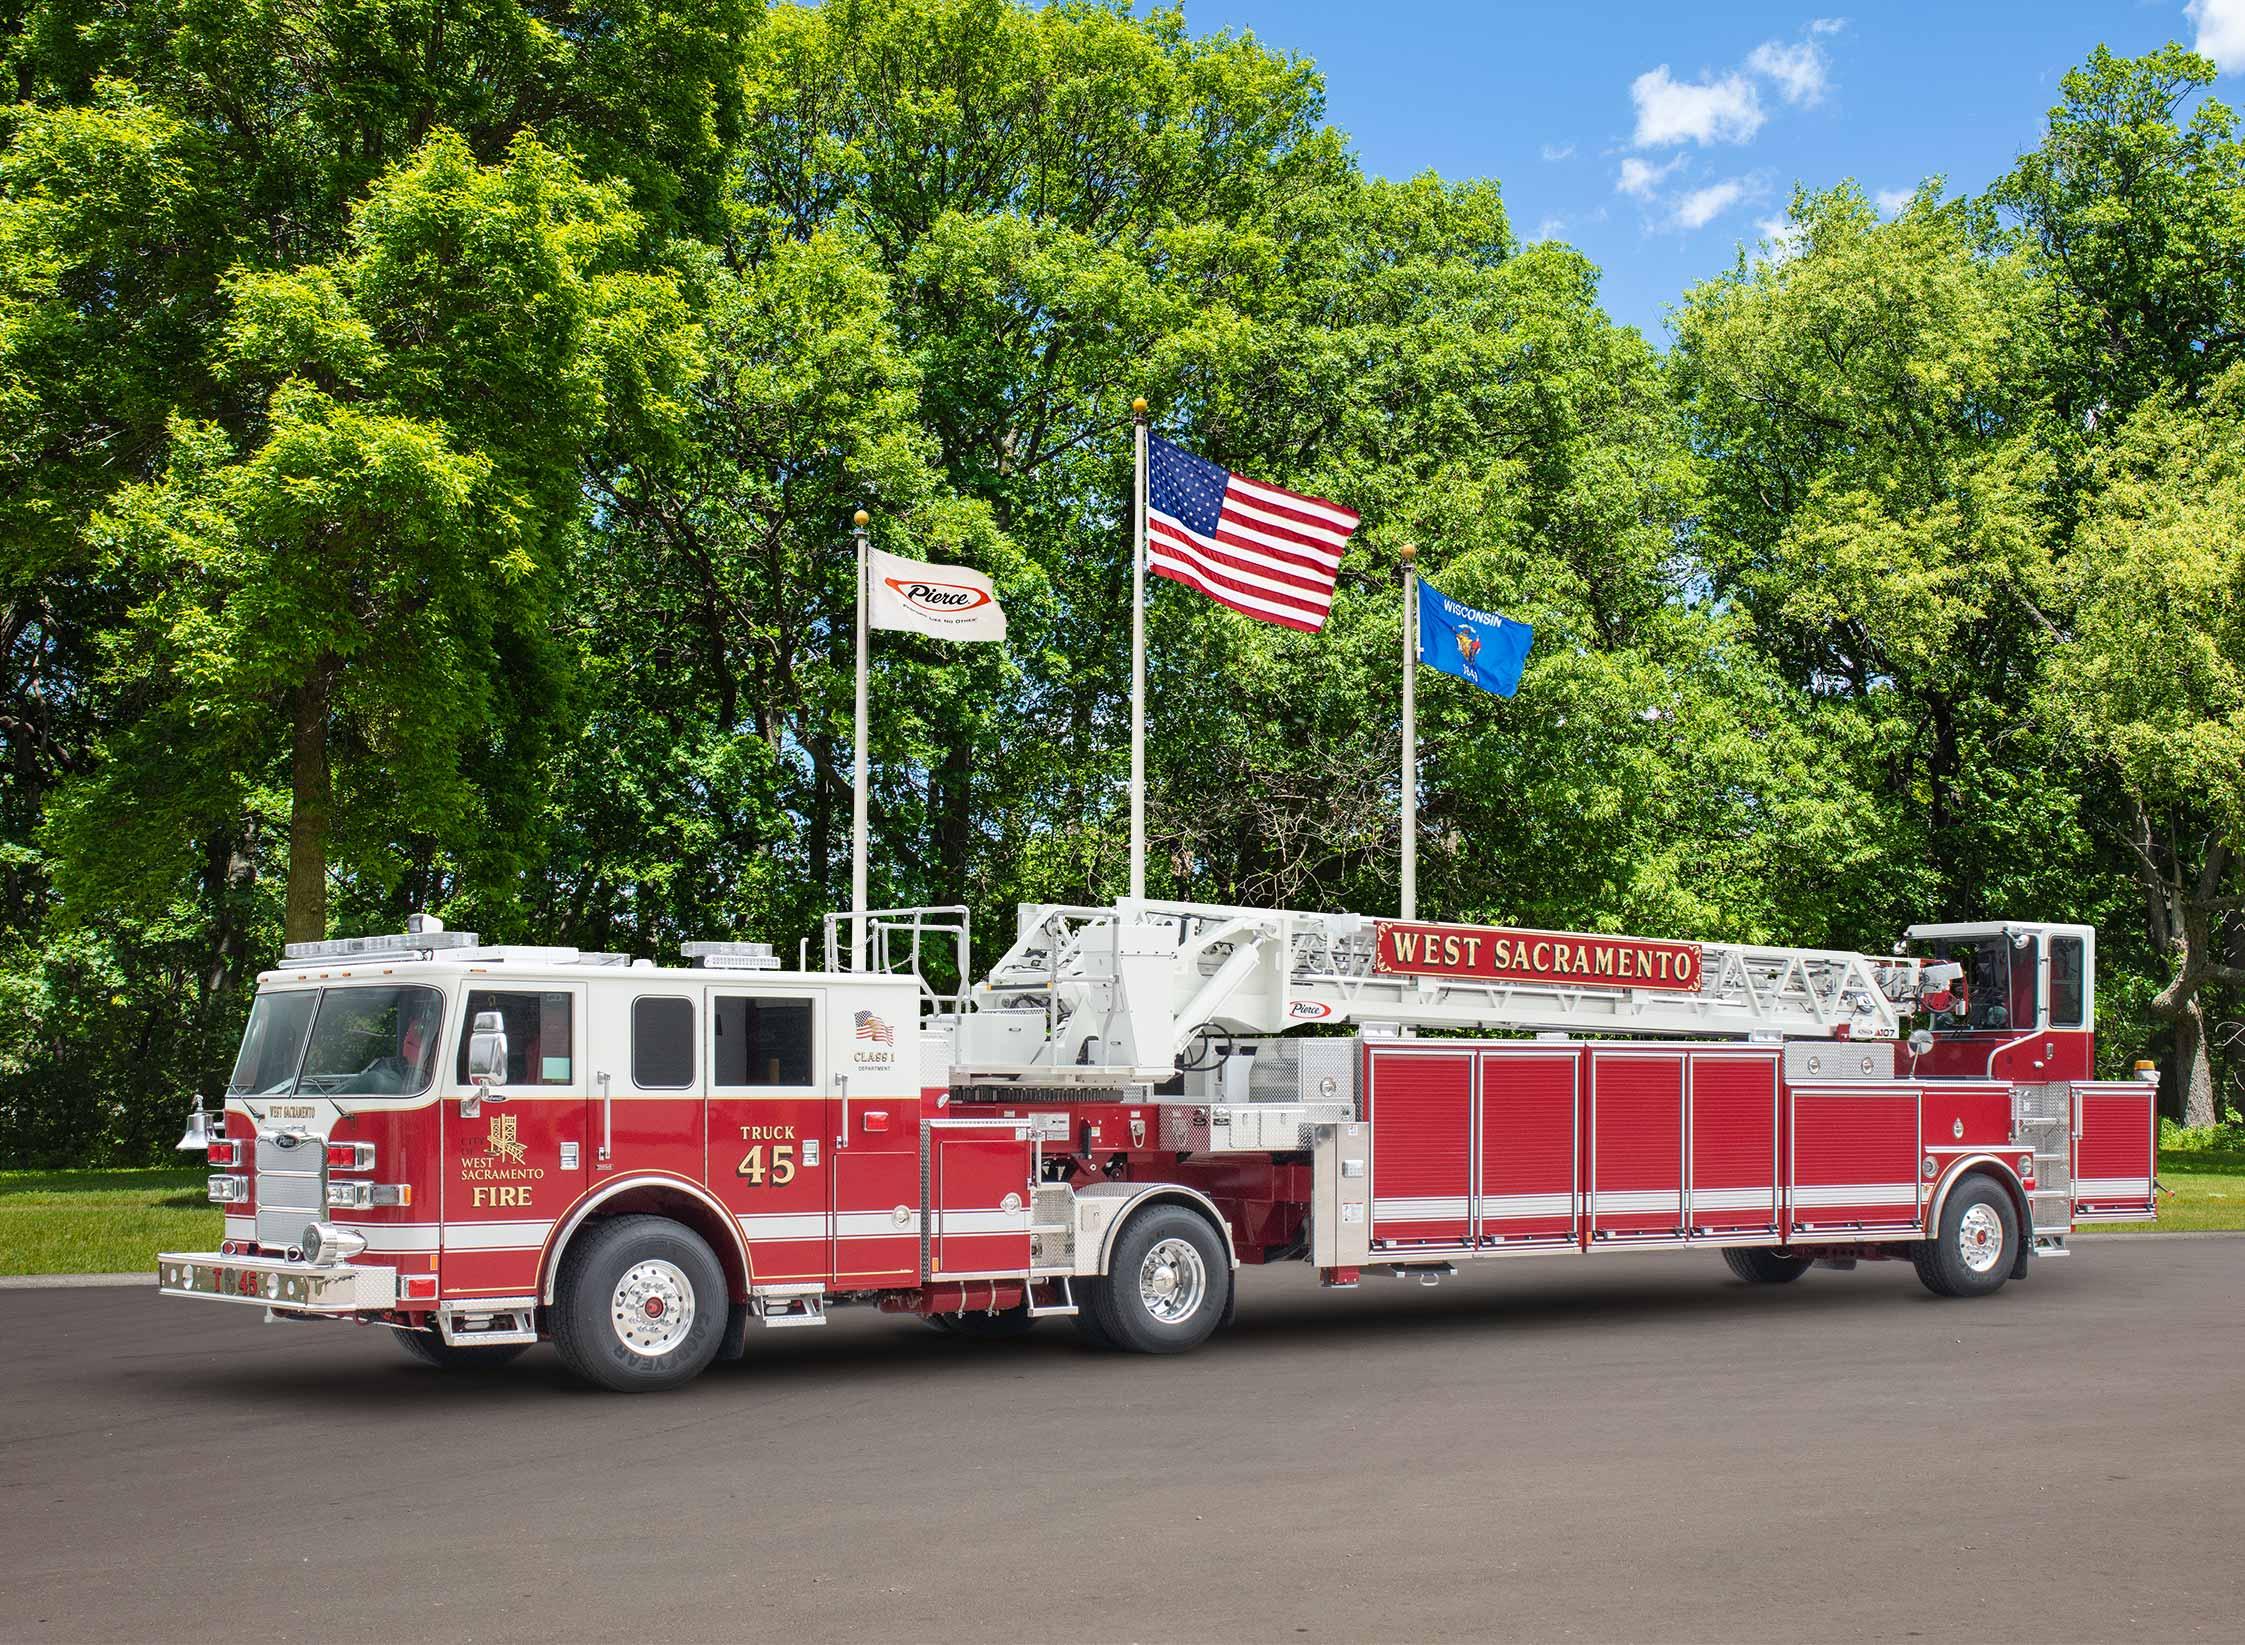 West Sacramento Fire Department - Aerial